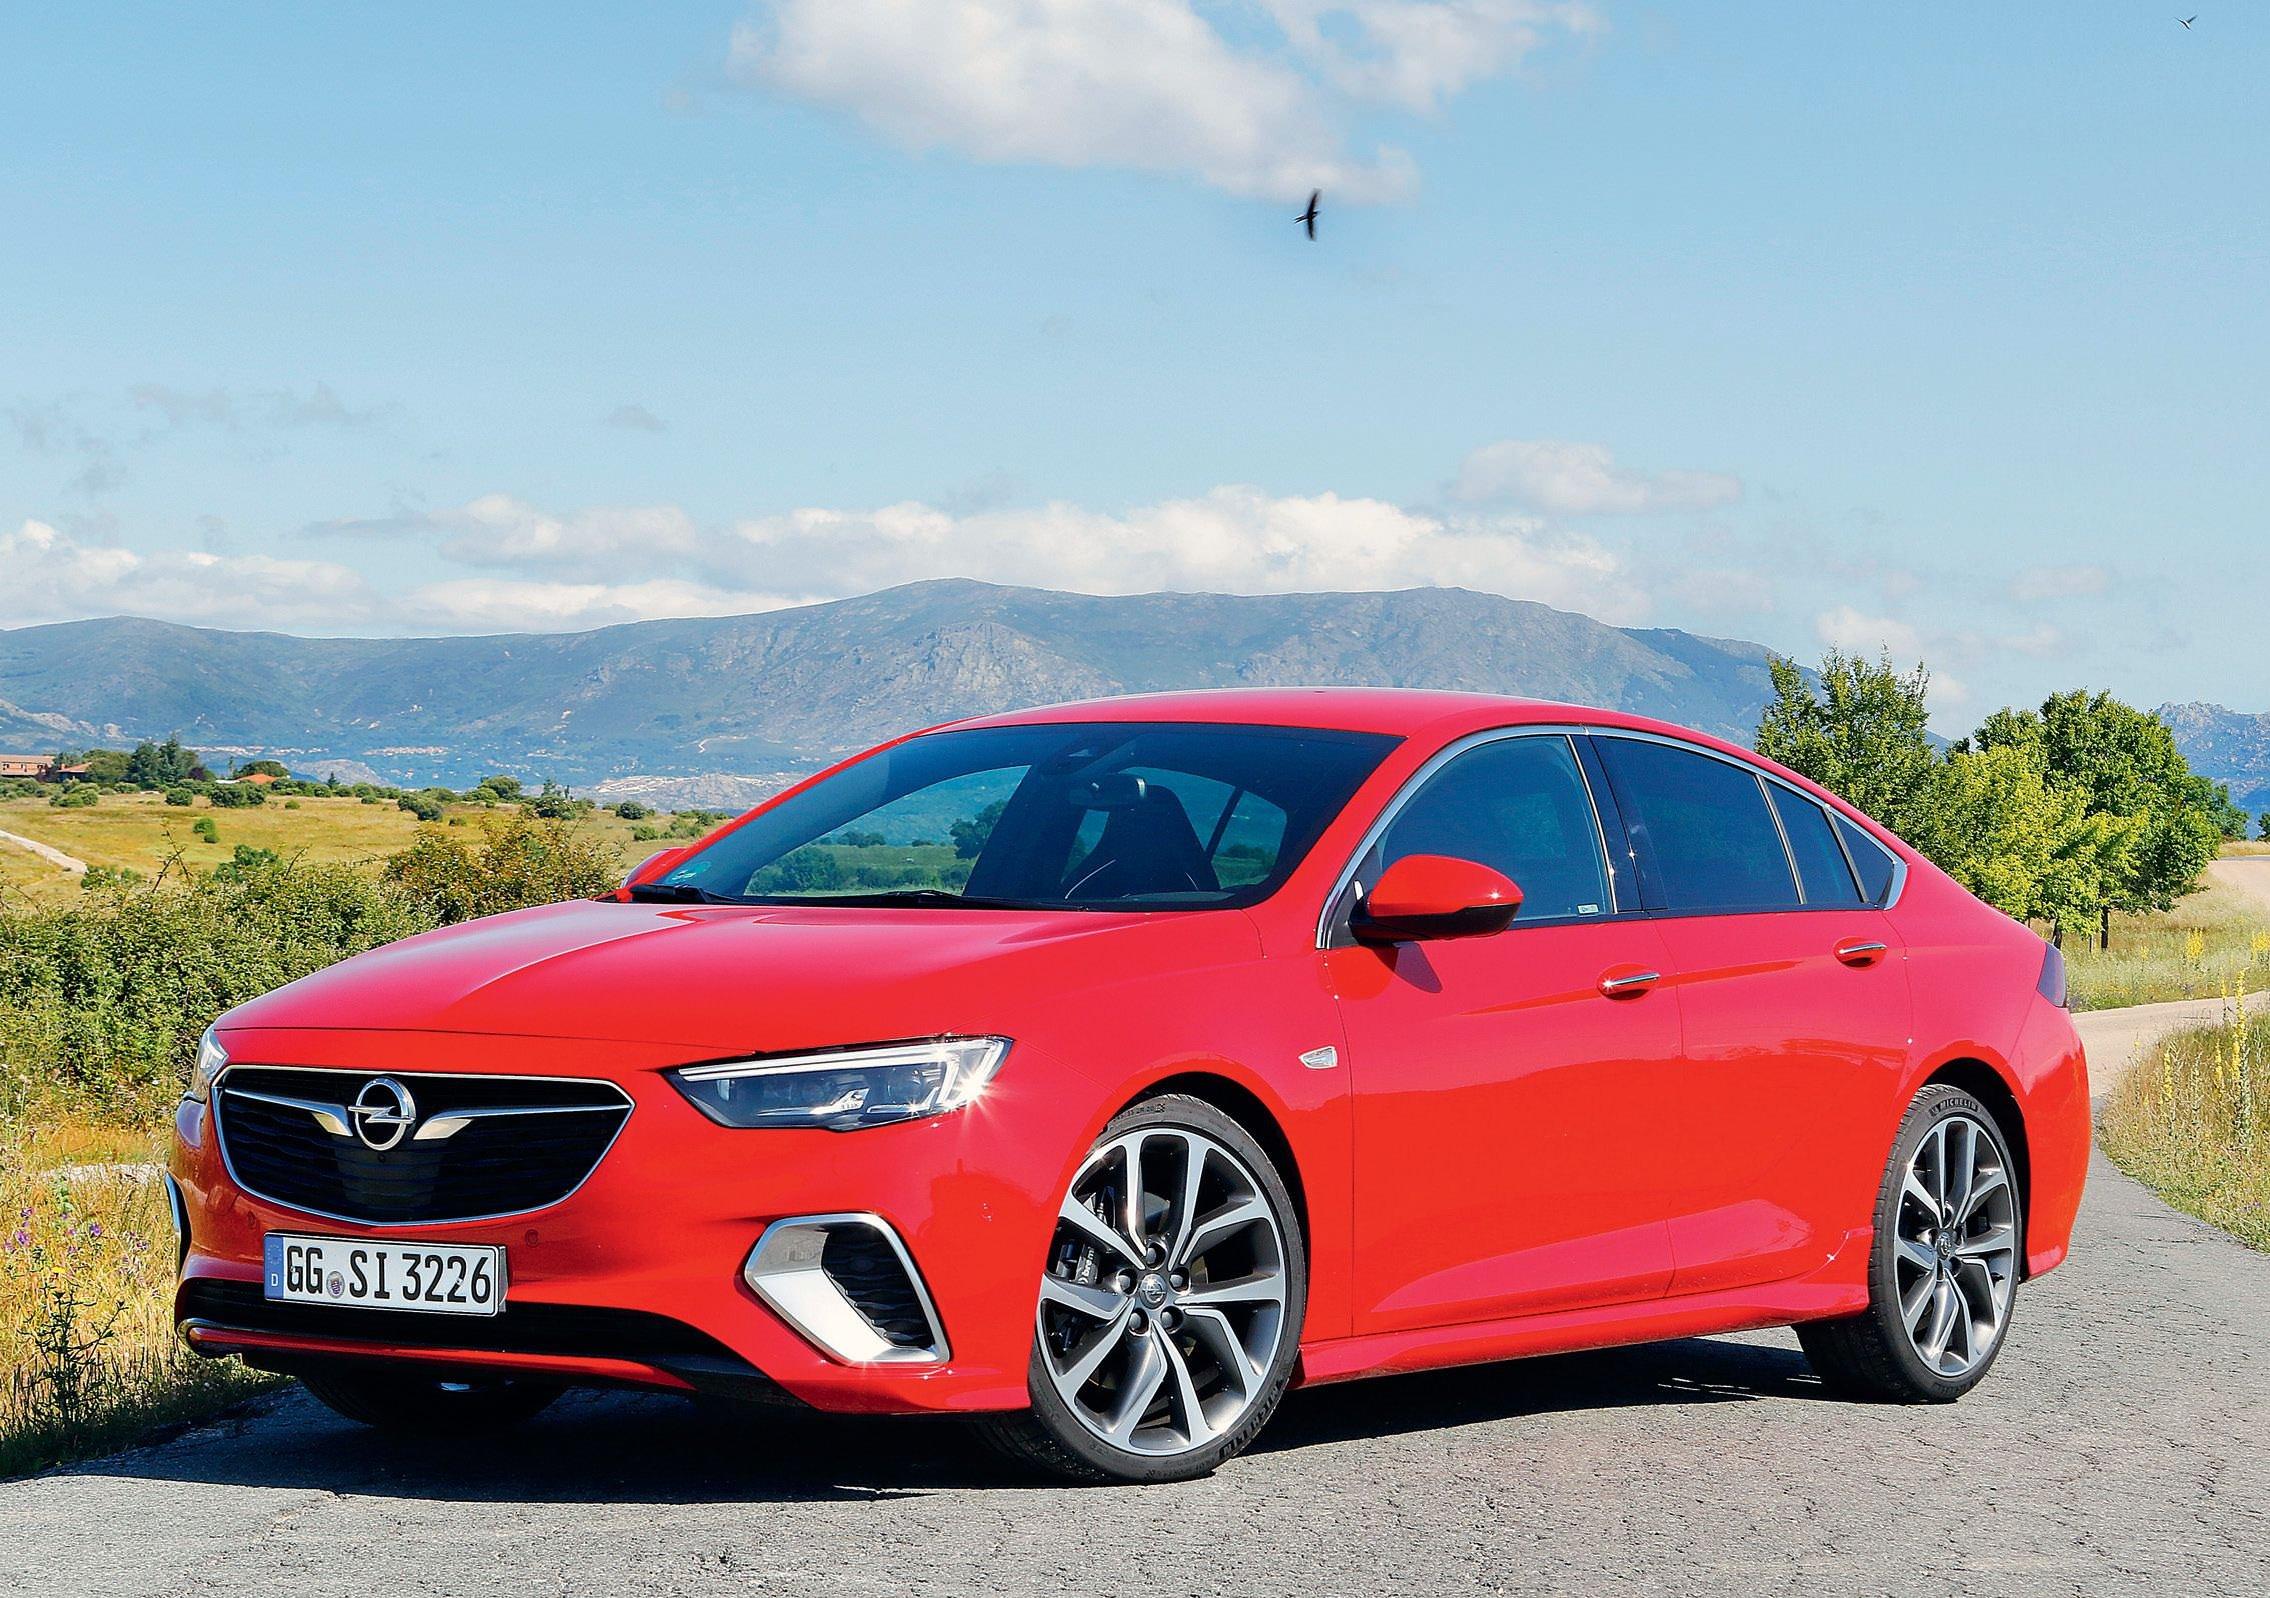 Opel Insignia Grand Sport Gsi 2.0 Cdti BiturboRey Del Asfalto